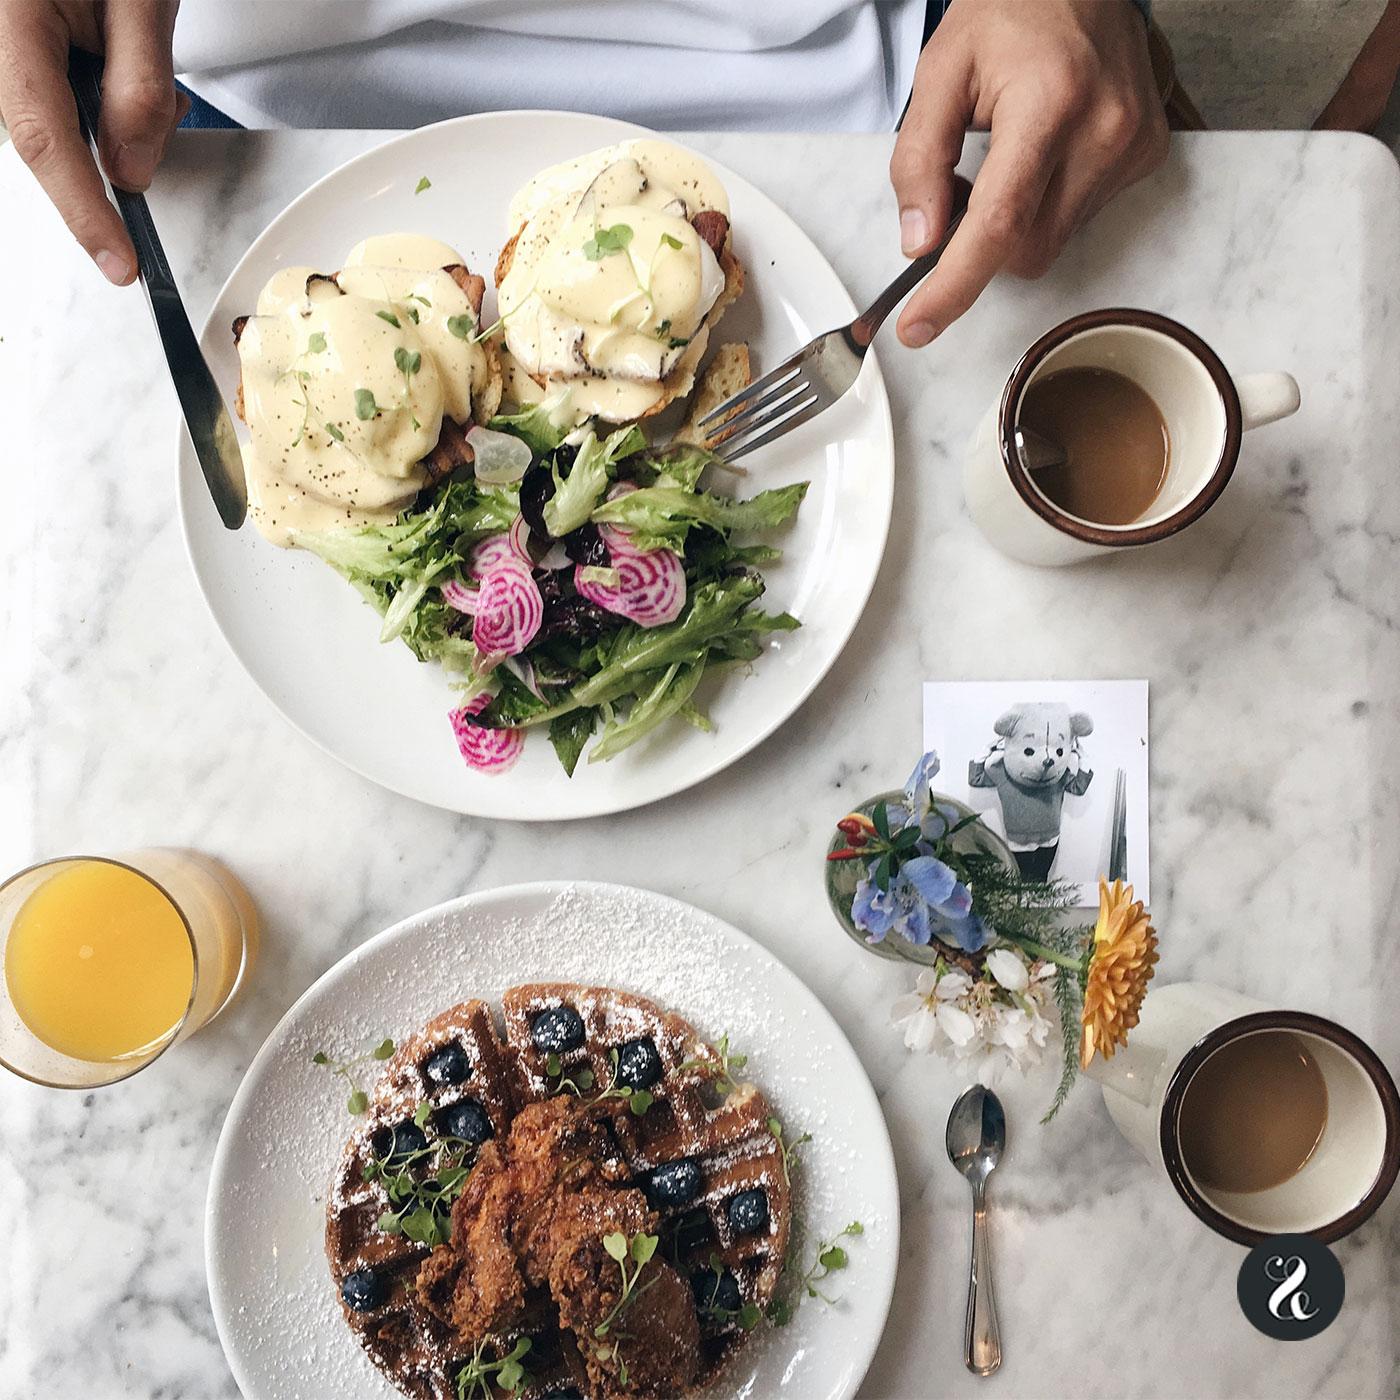 Loosie's Kitchen, en Brooklyn, es un rincón encantador en que podrás disfrutar de un 'brunch' neoyorquino inolvidable.